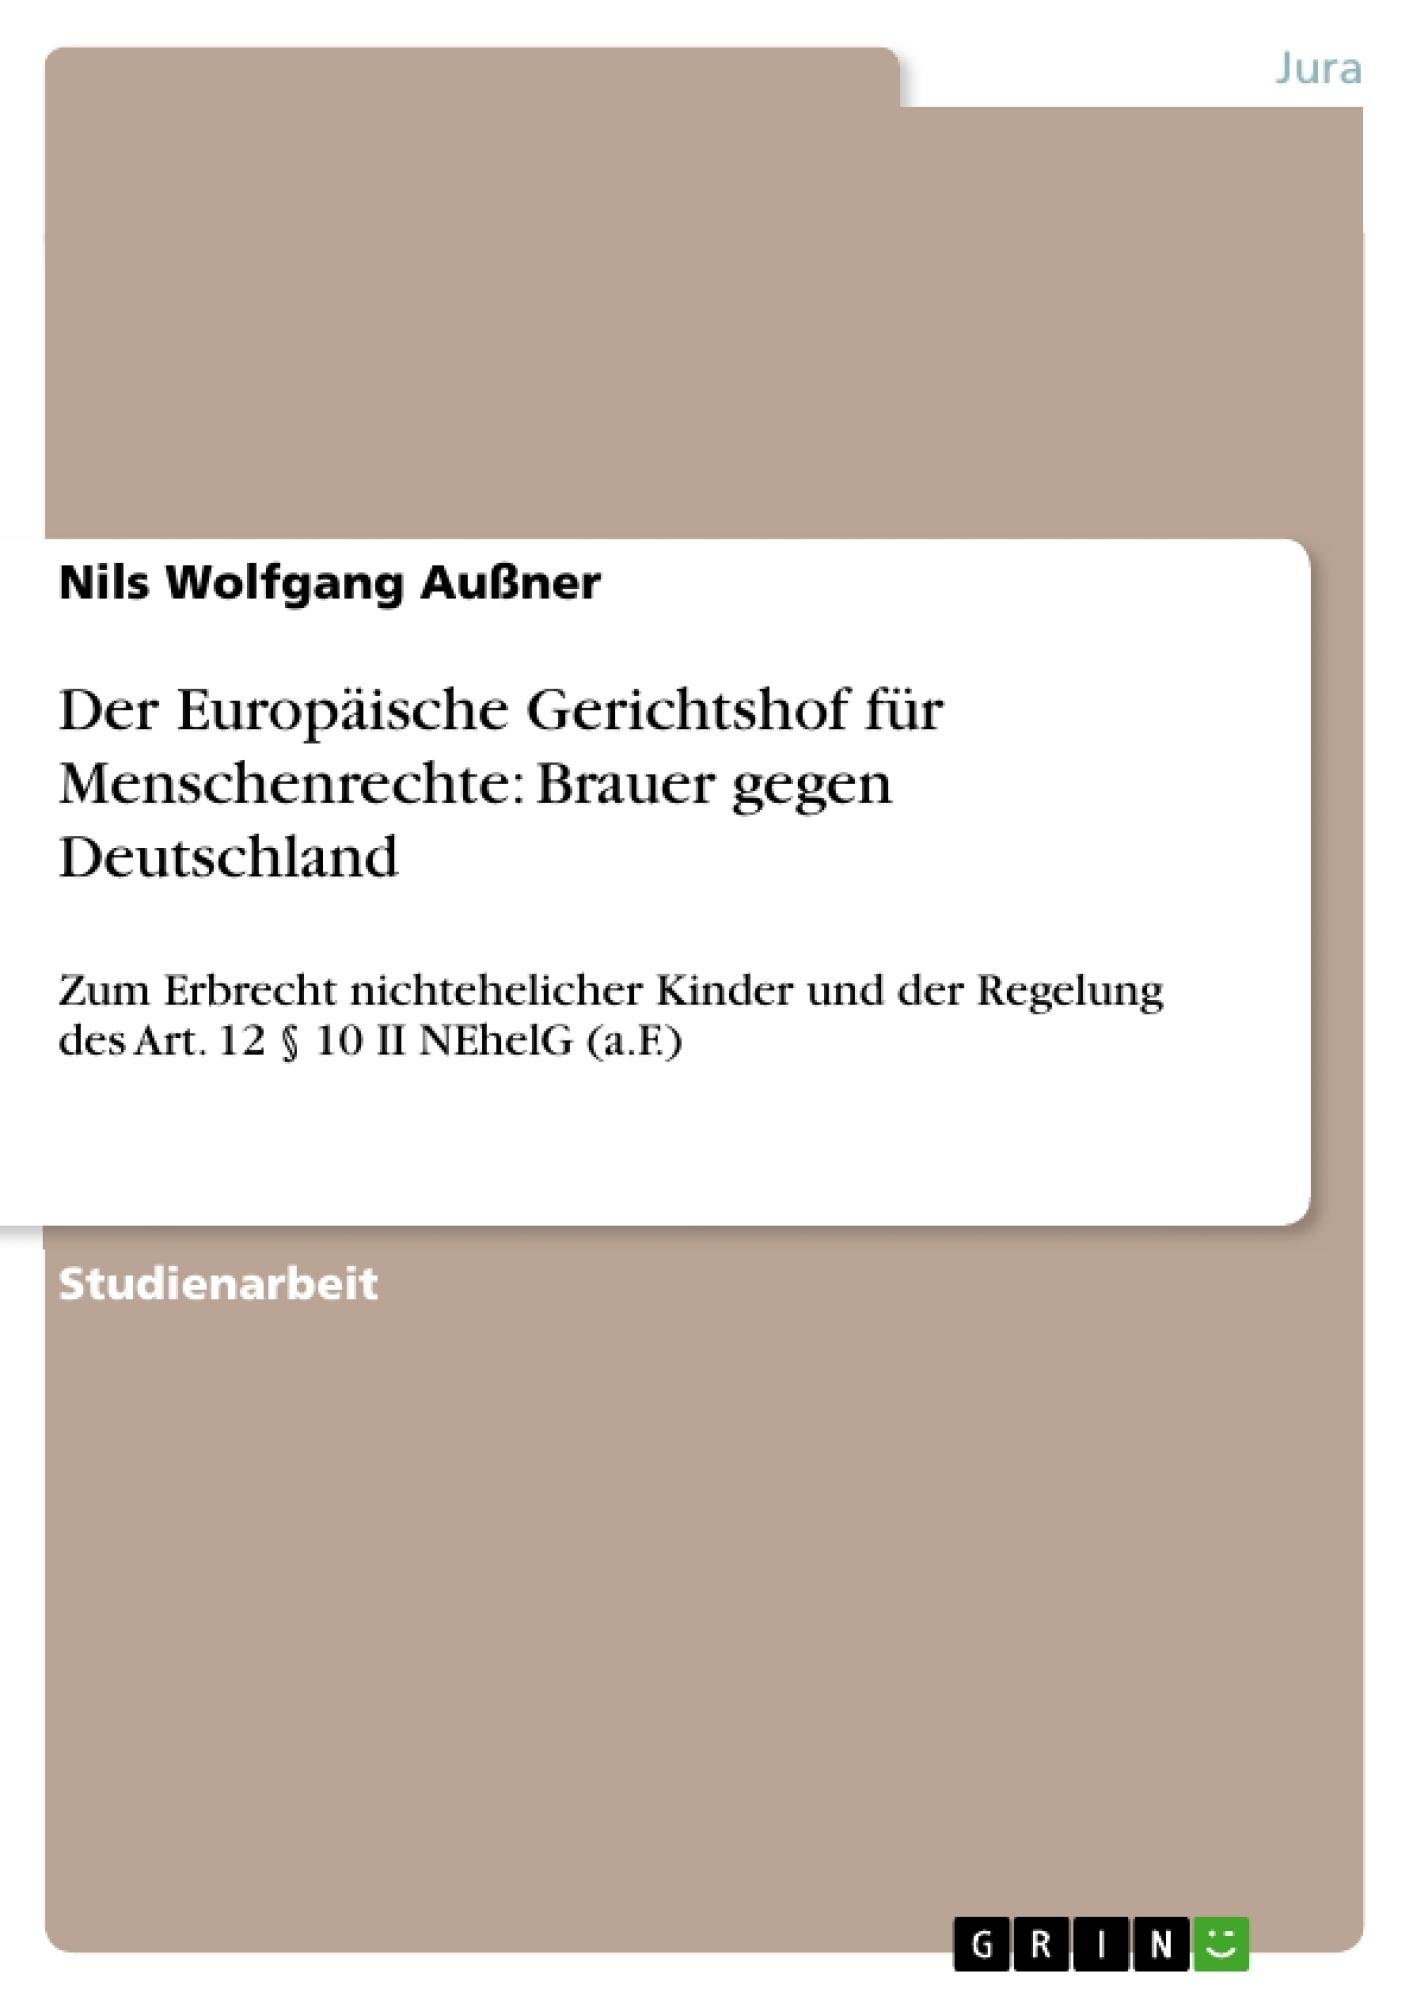 Titel: Der Europäische Gerichtshof für Menschenrechte: Brauer gegen Deutschland